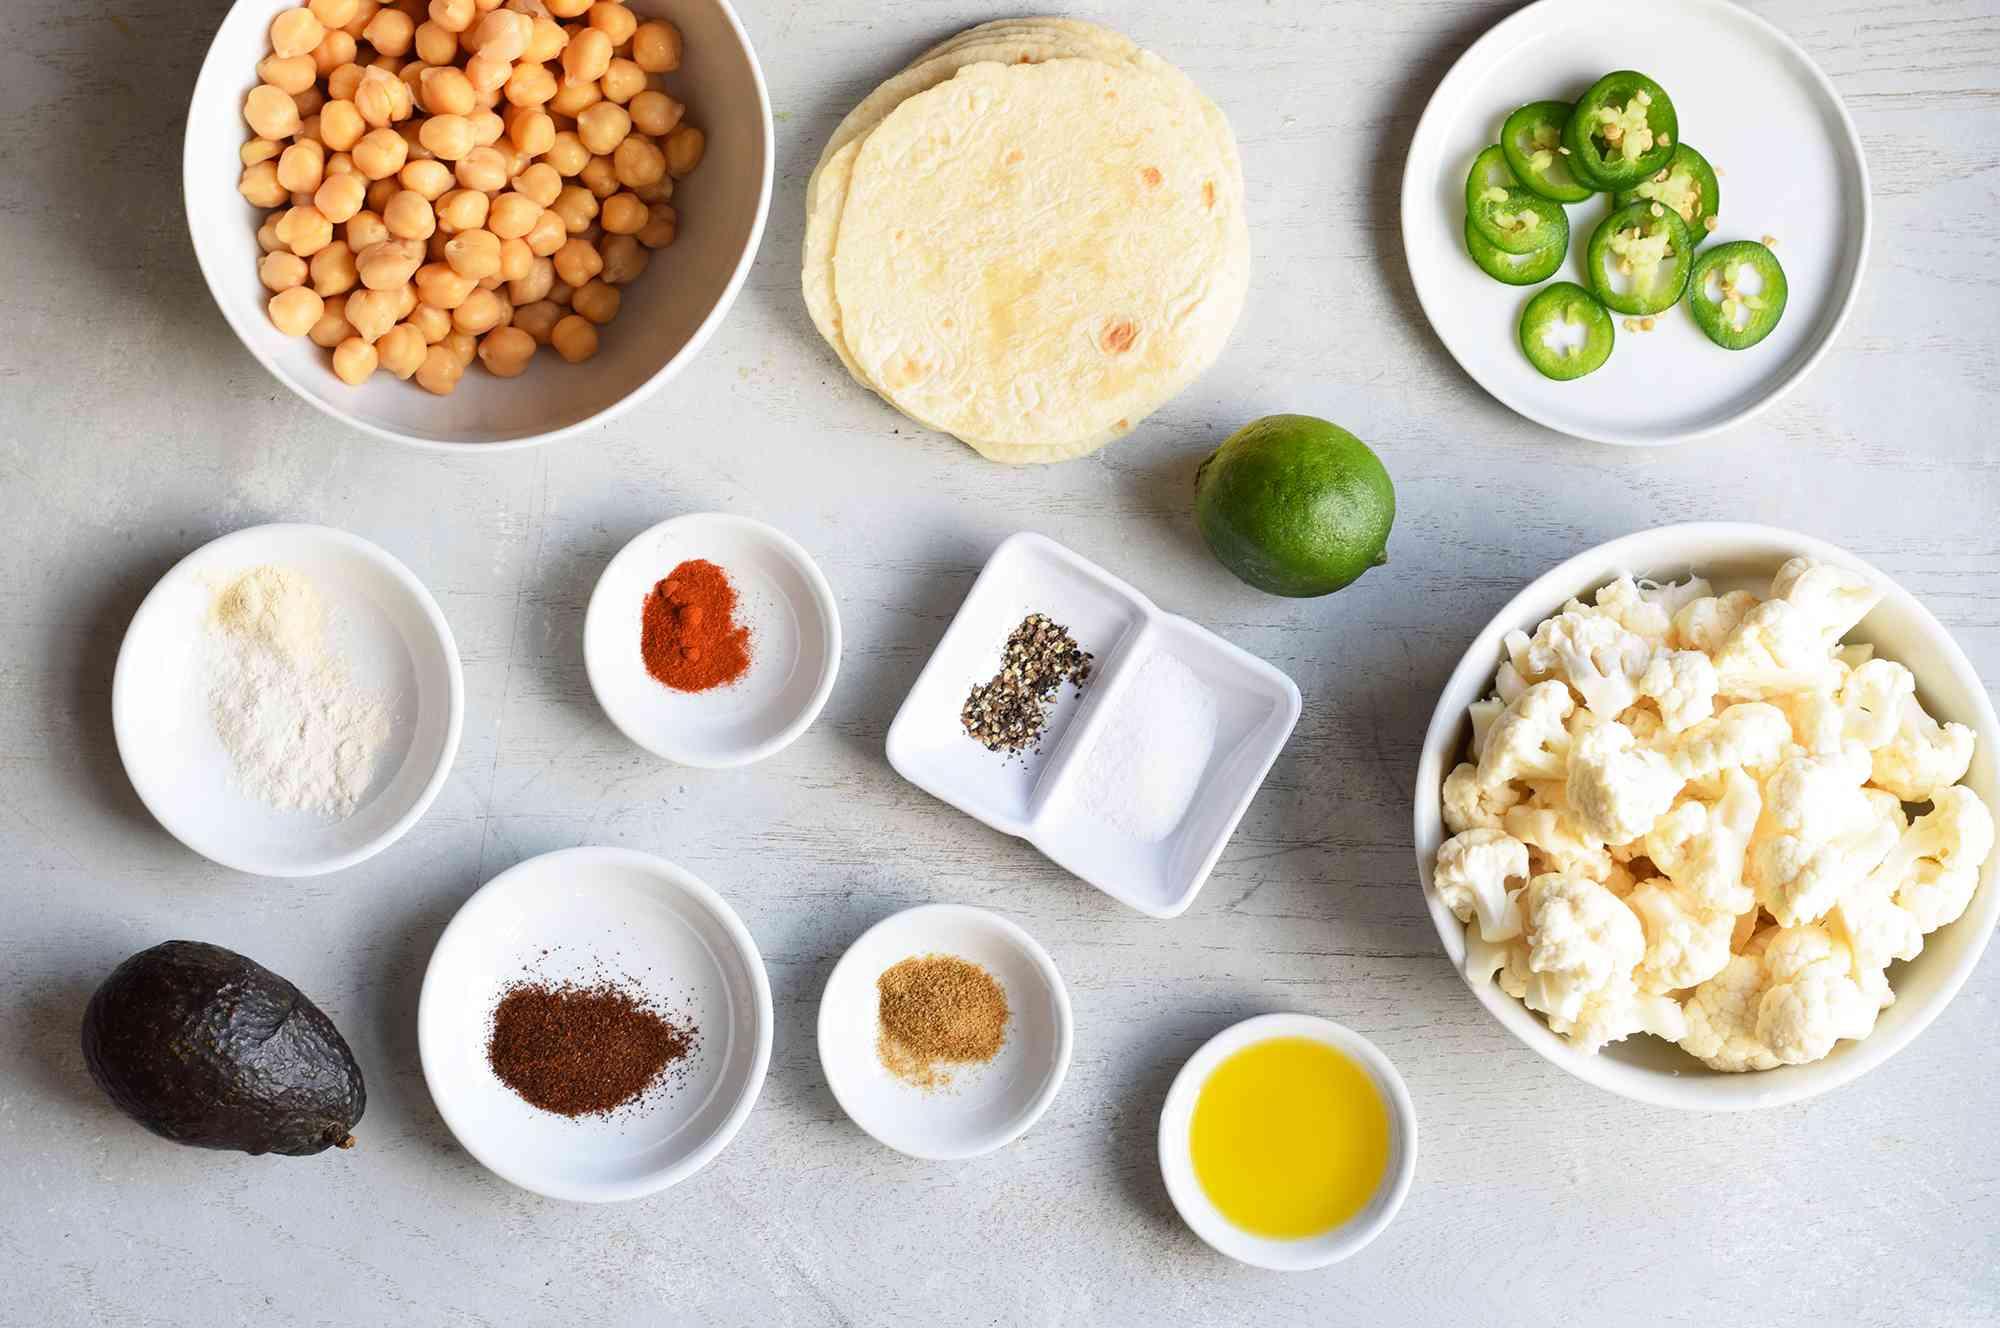 cauliflower taco ingredients